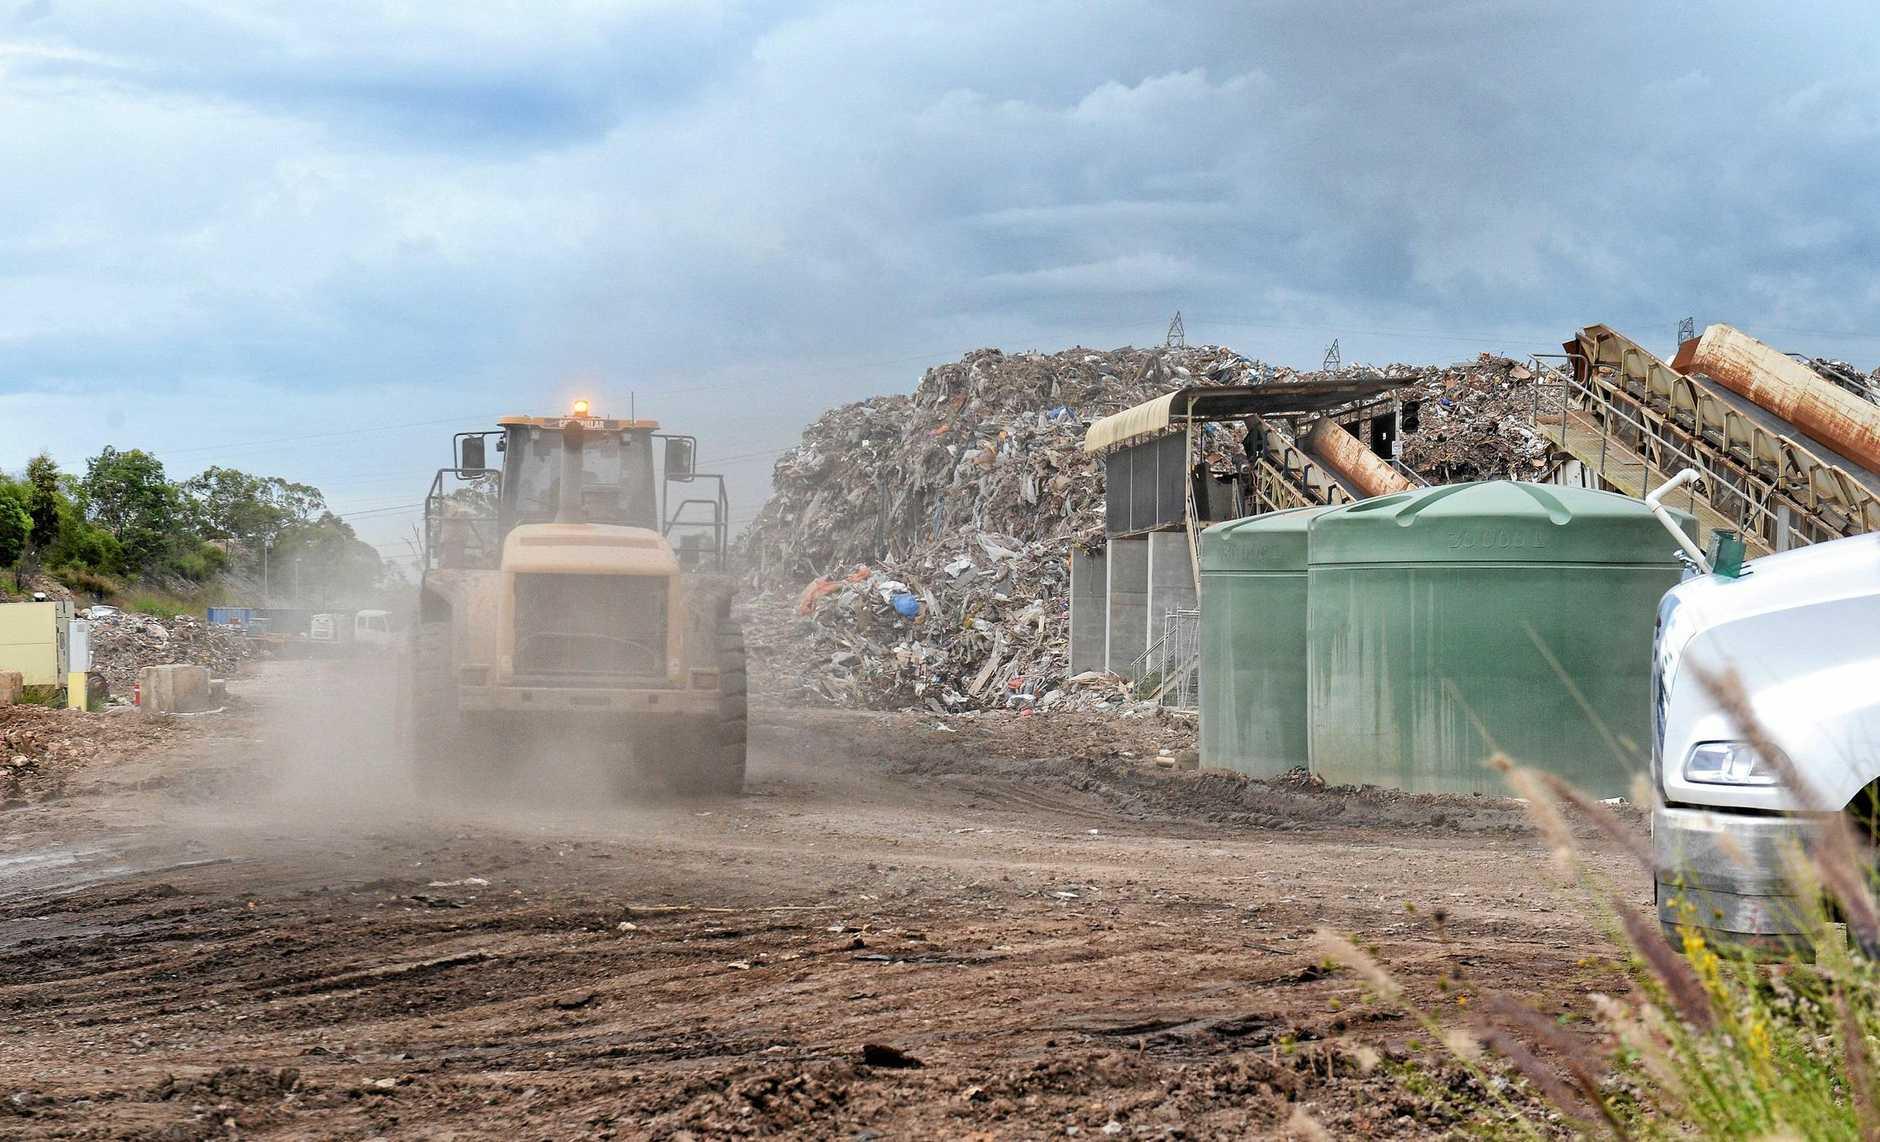 Rubbish pile in Blackstone.